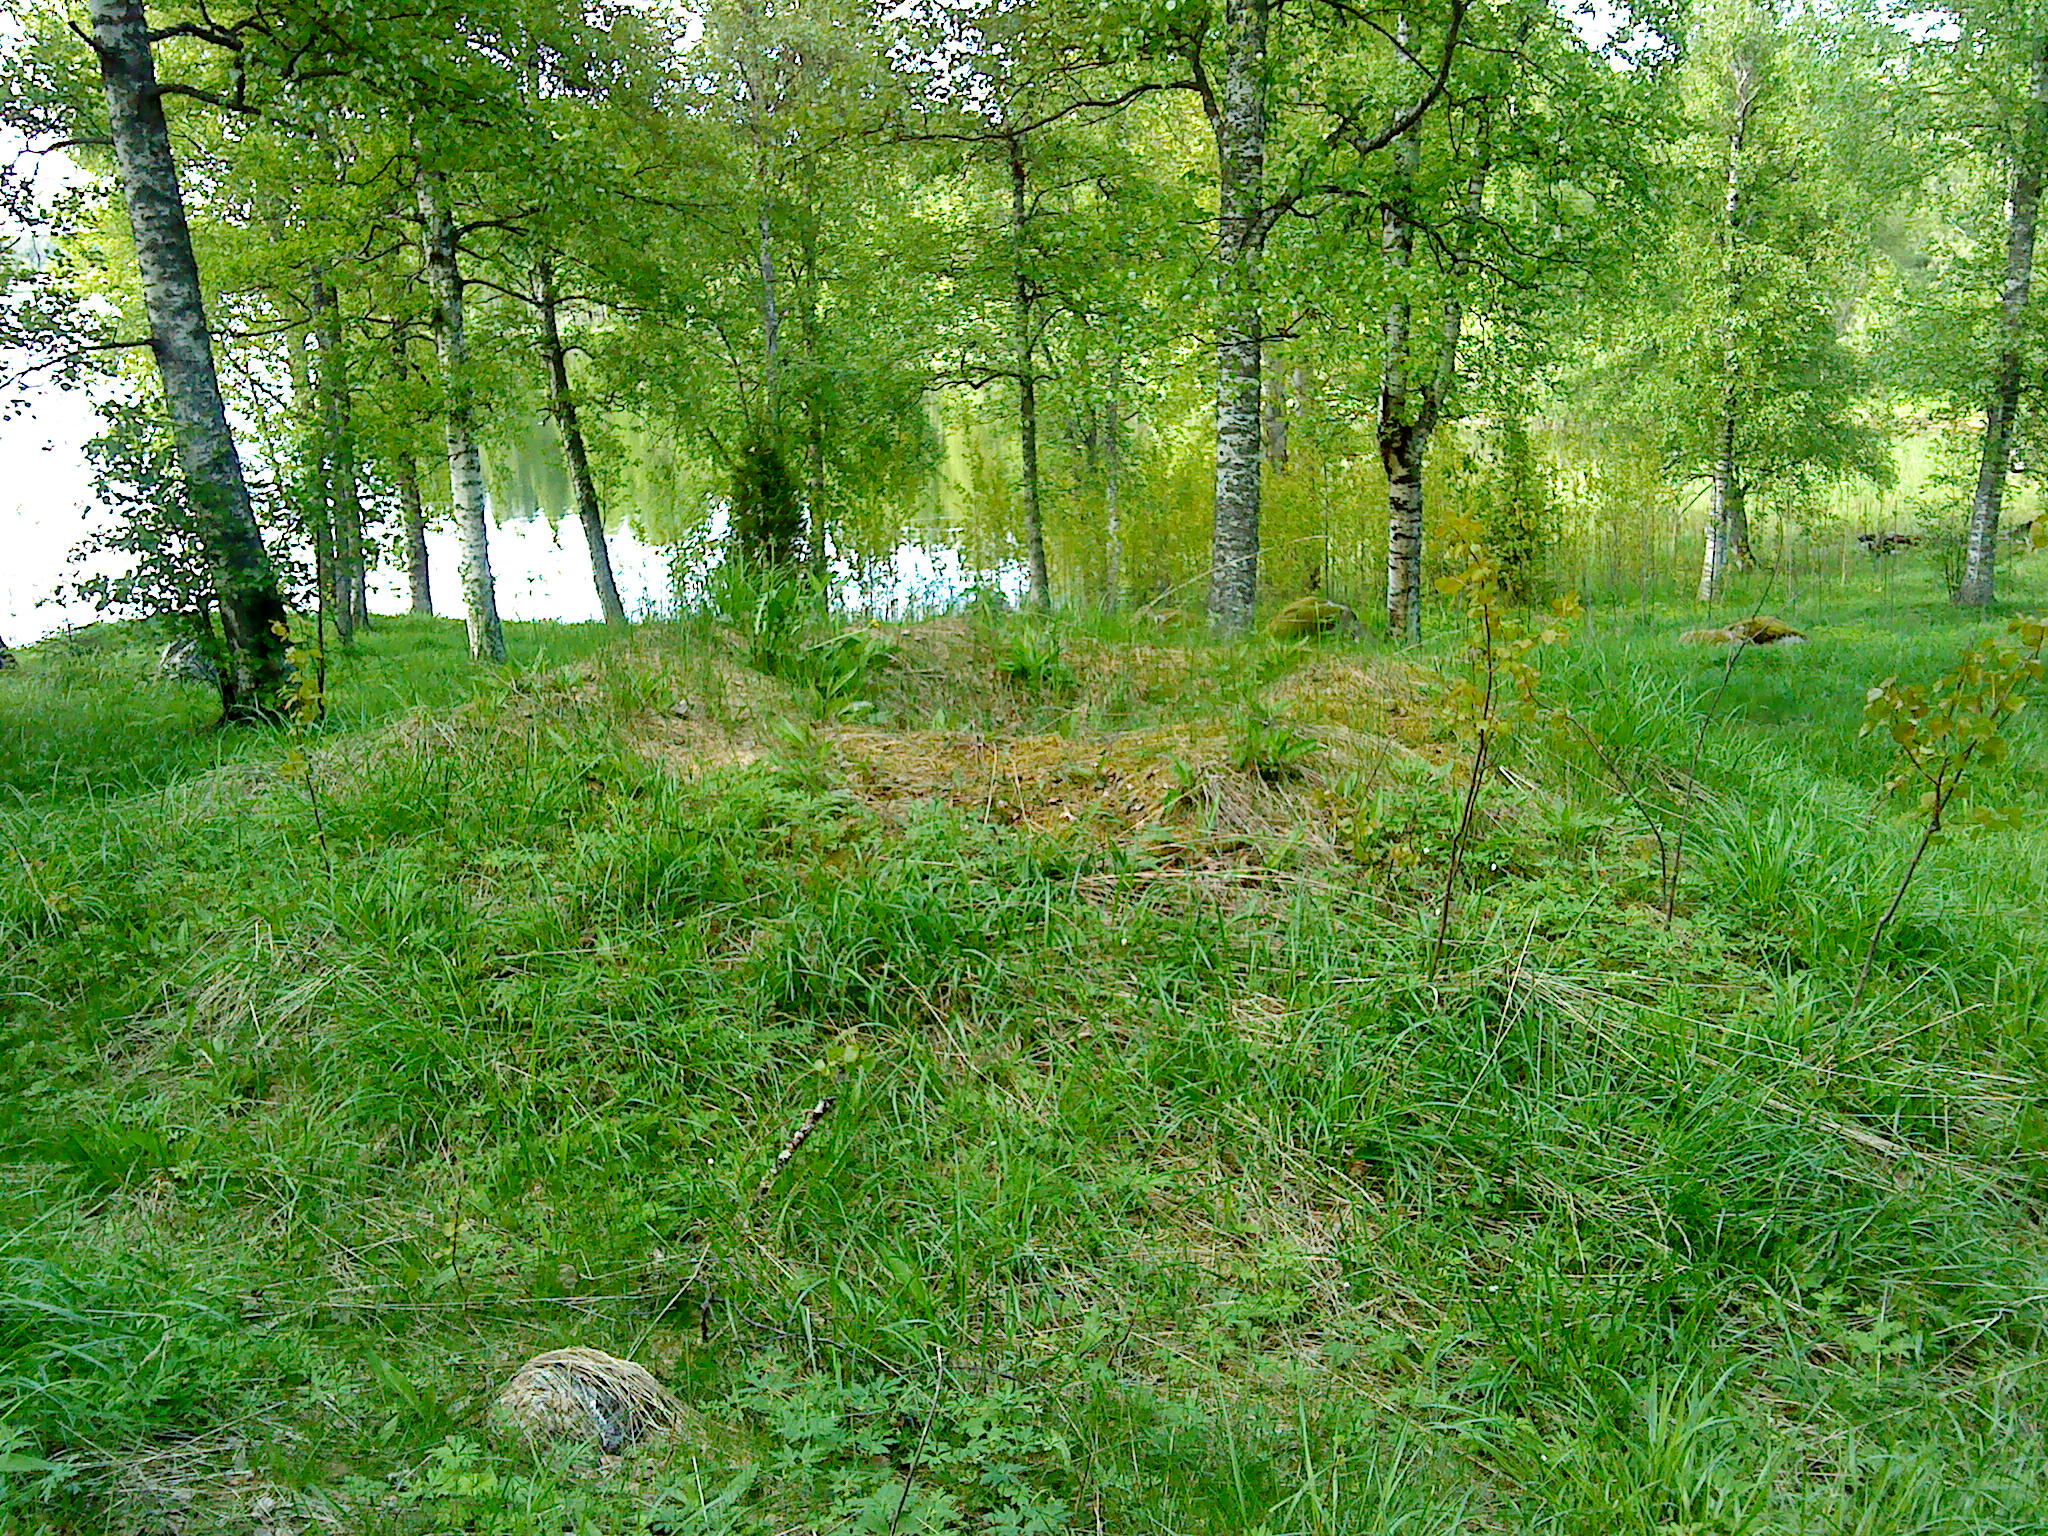 Gravfält täckt med grönt gräs, björkar och vatten i bakgrunden.